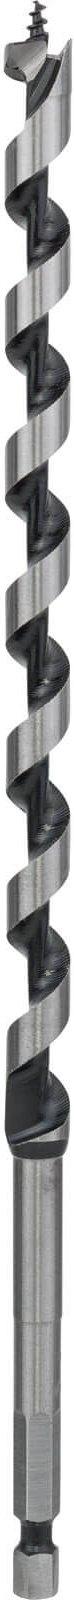 Bosch Hex Shank Auger Drill Bit 10mm 235mm